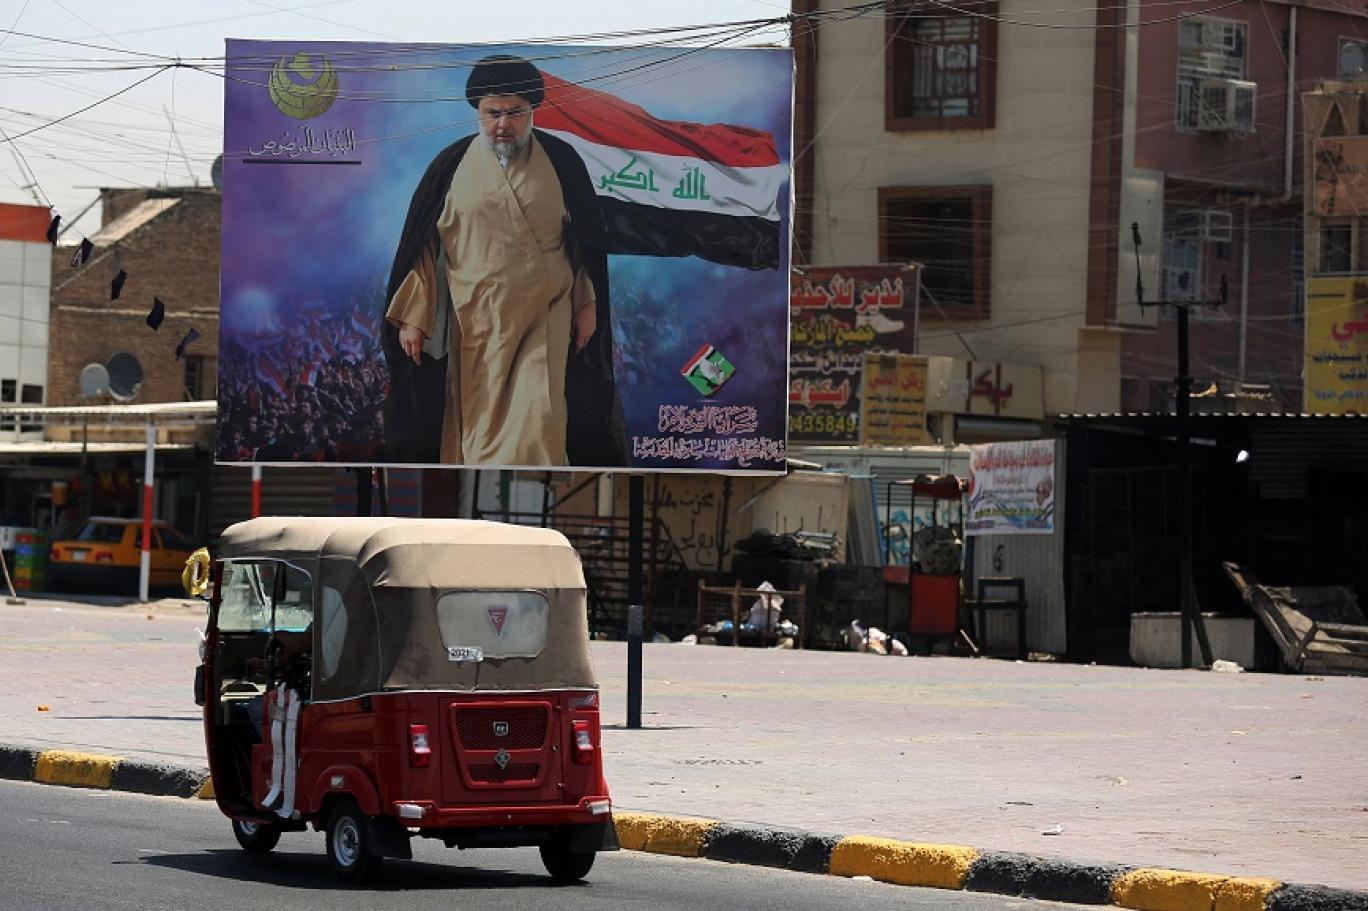 انسحاب الصدر يعرقل تنظيم الانتخابات البرلمانية العراقية في موعدها المحدد (أ ف ب).jpg